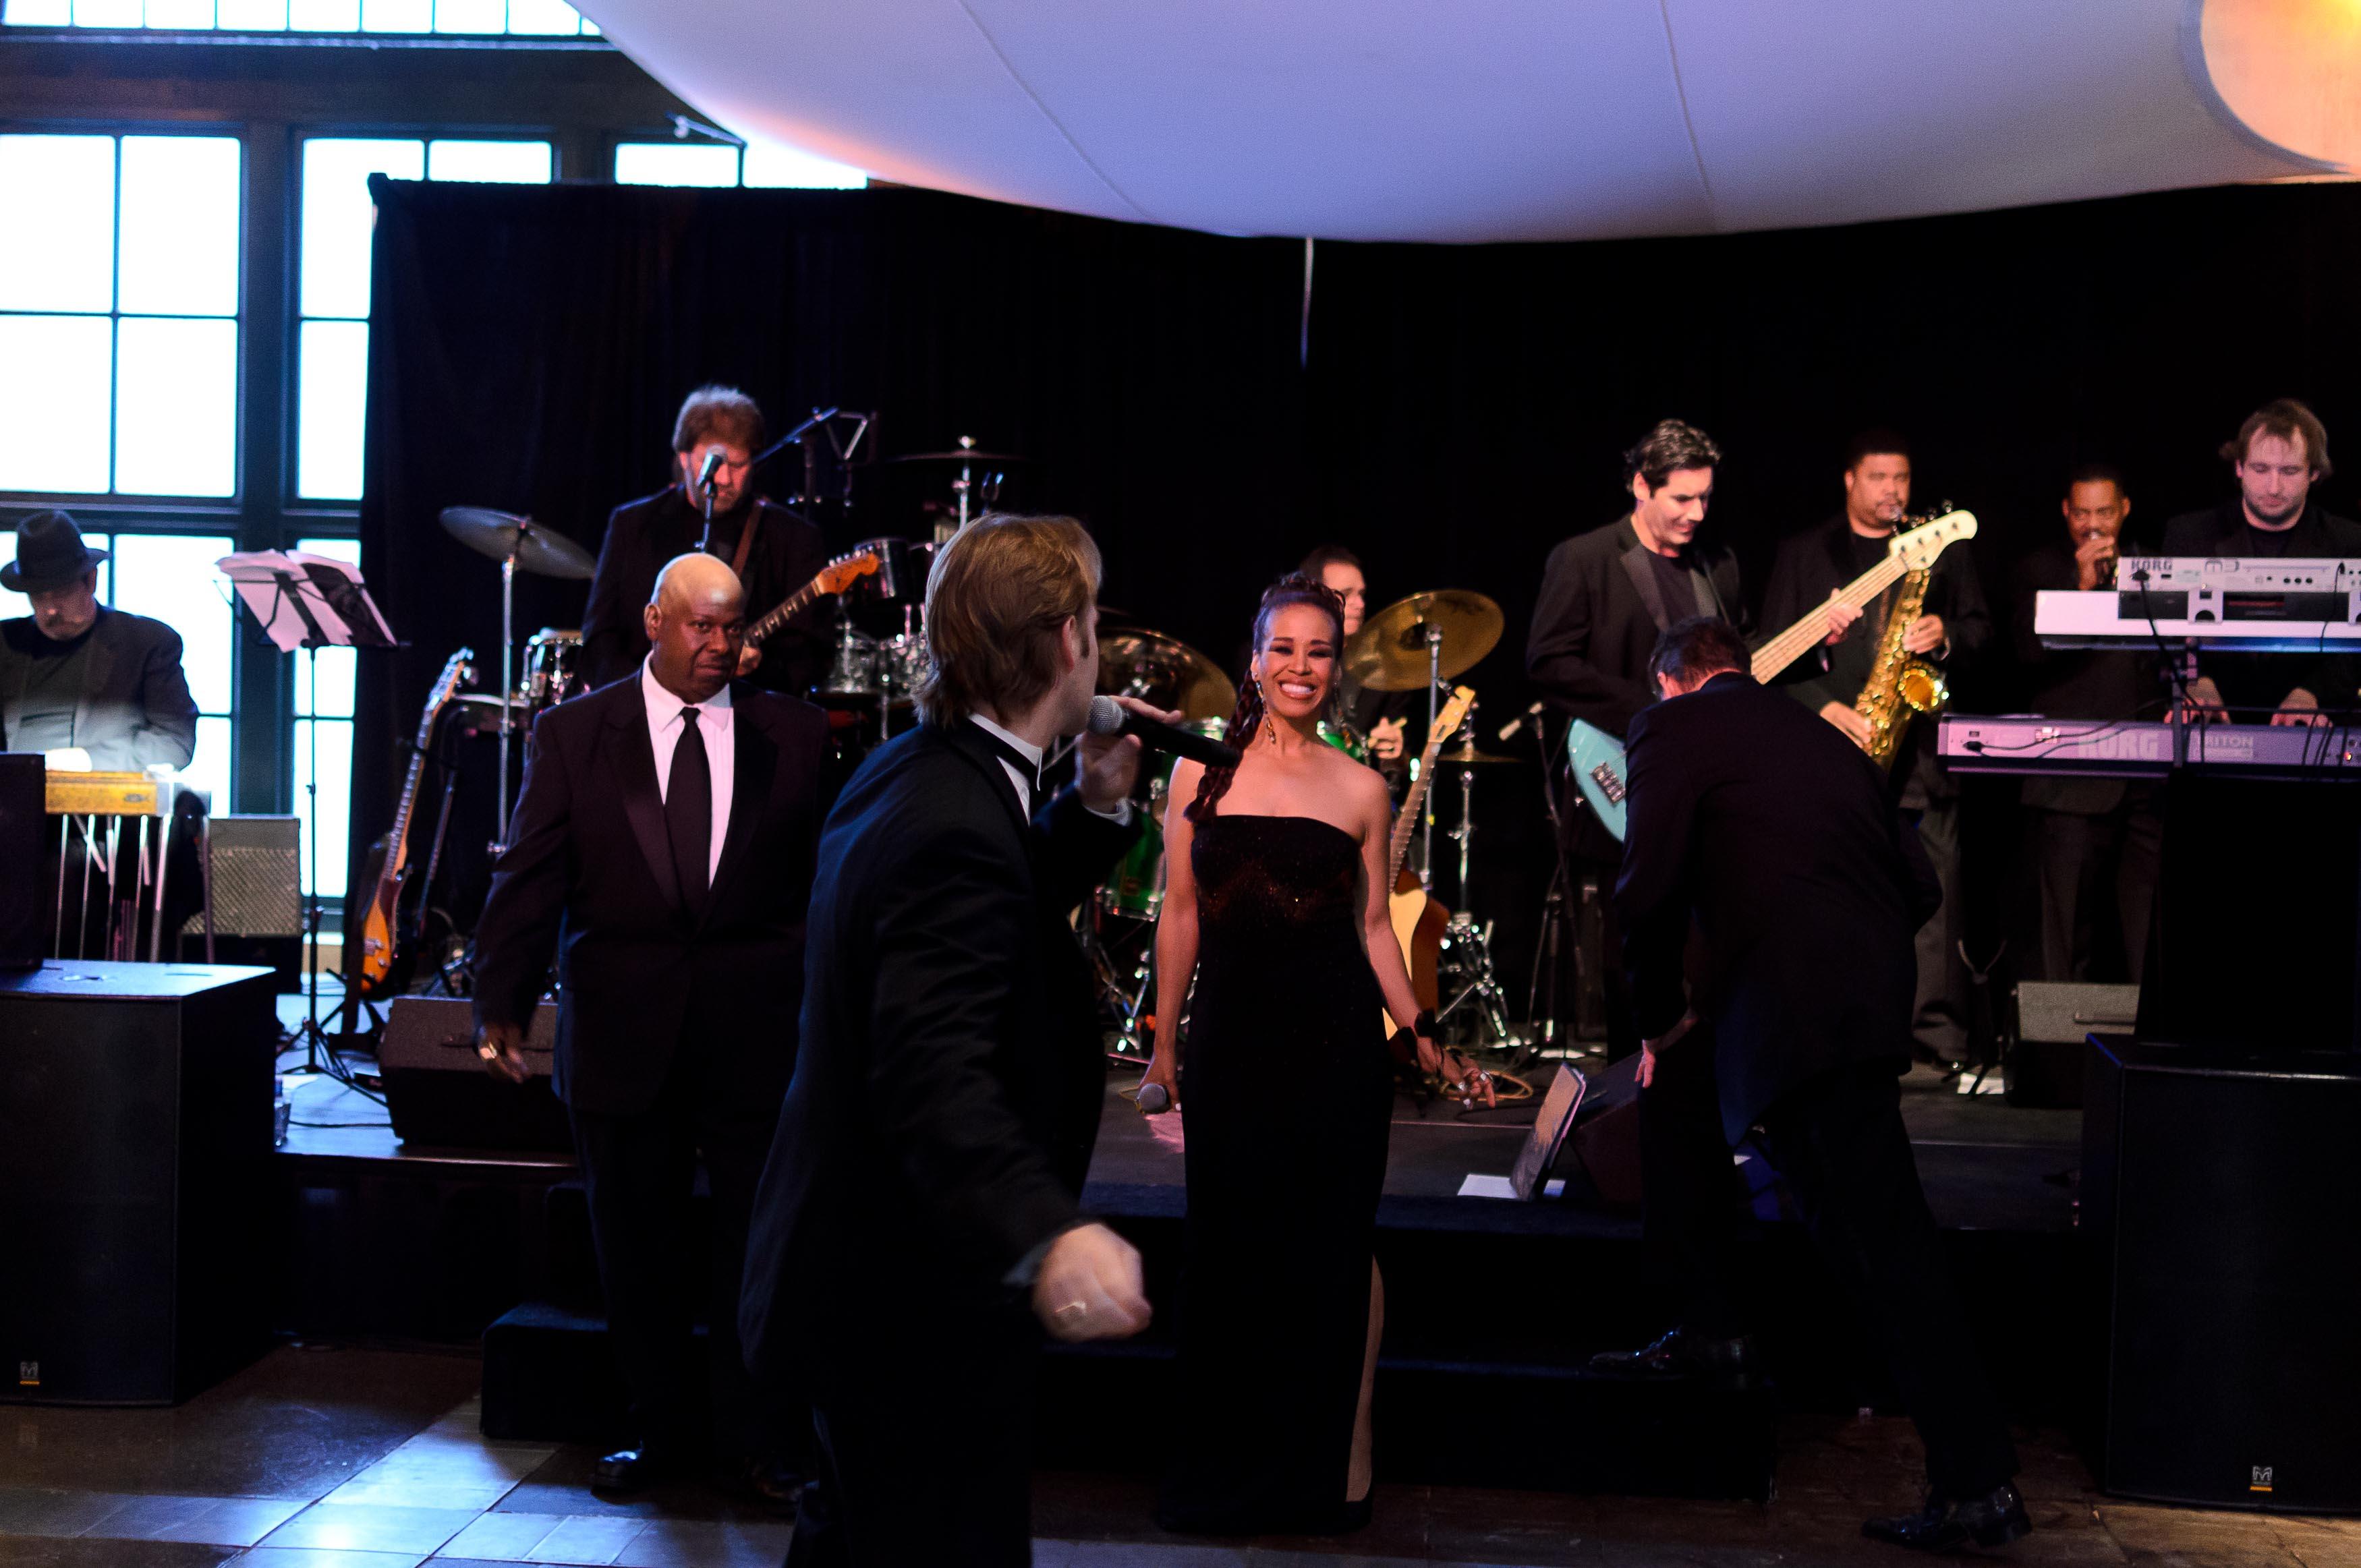 Weddings-Heinz History Center-Kelsey & Ben-Modern Color Pop_Low Res-19